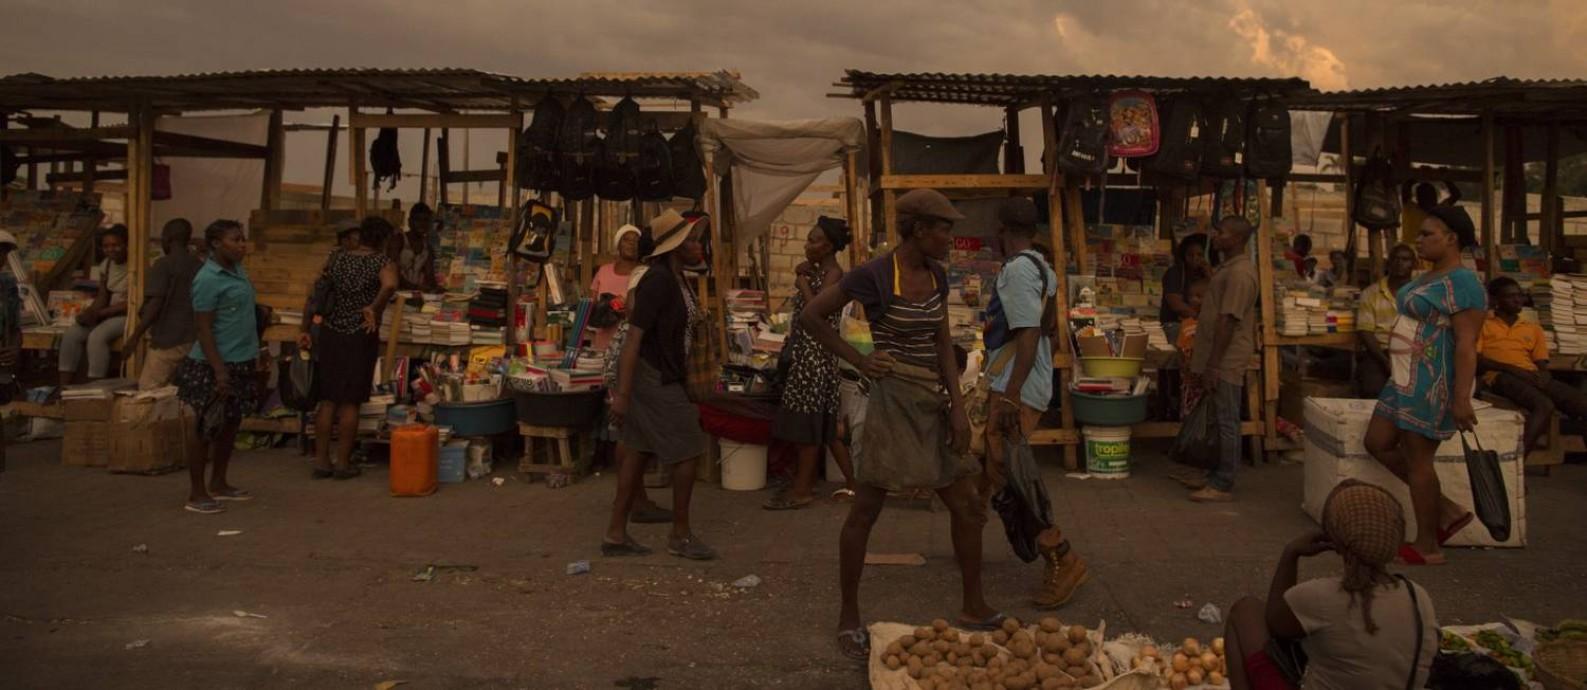 Nas laterais das ruas, os haitianos vendem o que podem; moradores sofrem com a miséria, a pouca estrutura e a incerteza na saída da missão de paz da ONU Foto: Daniel Marenco / Agência O Globo